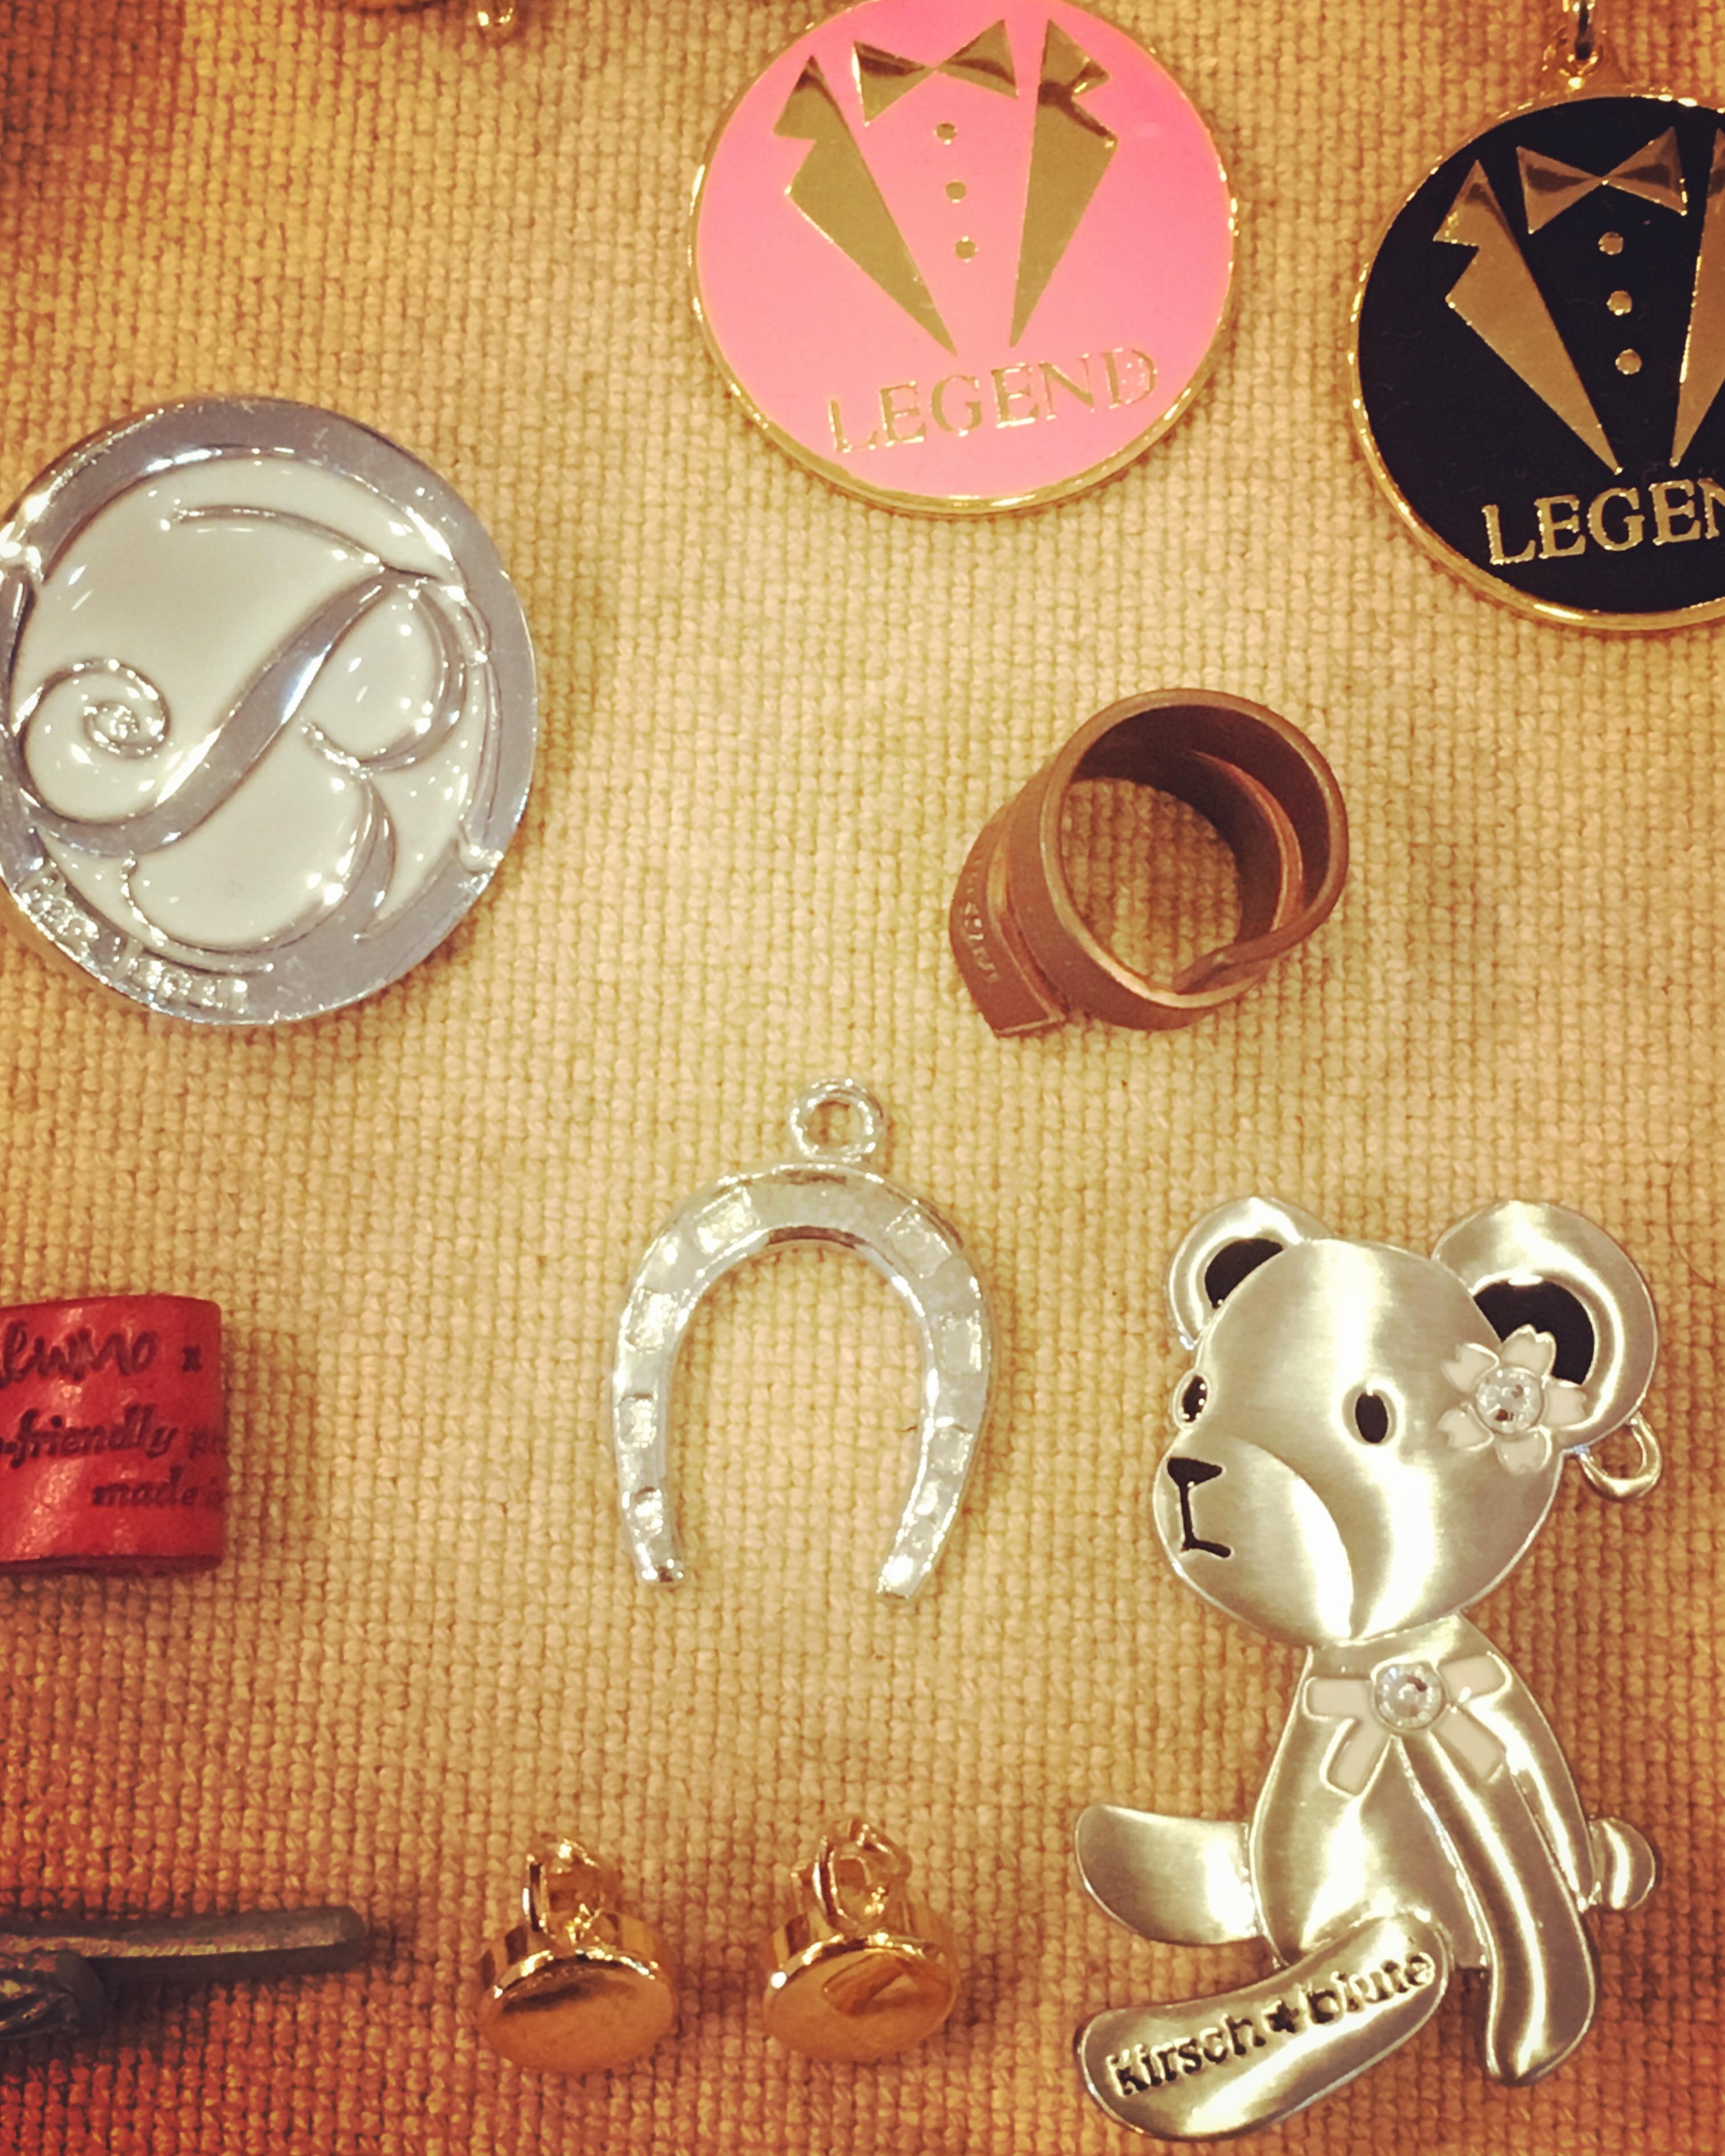 動物をモチーフにしたり、ブランドのロゴをデザインにしたり、イメージやご希望を自由な形で、金色、銀色、アンティーク、エポキシ樹脂加工、カラフルな色展開で、オンリーワンの金具やアクセサリーに作り上げます